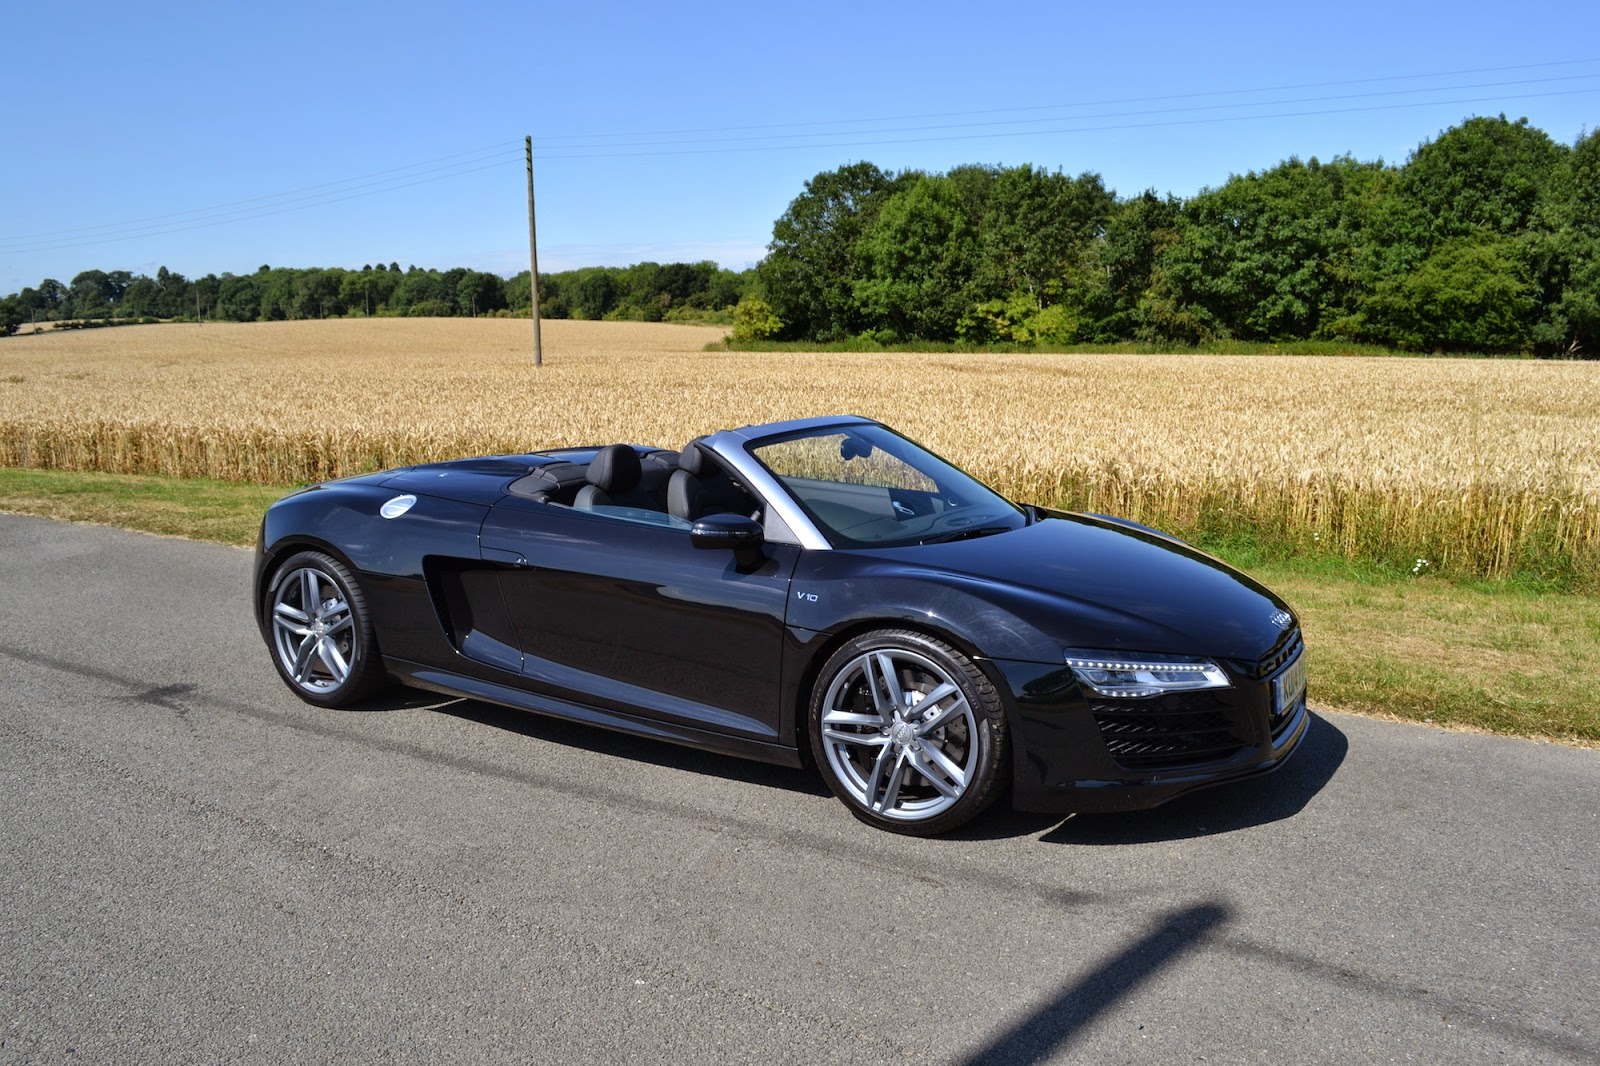 Audi R8 V10 Spyder 5.2FSI Quattro